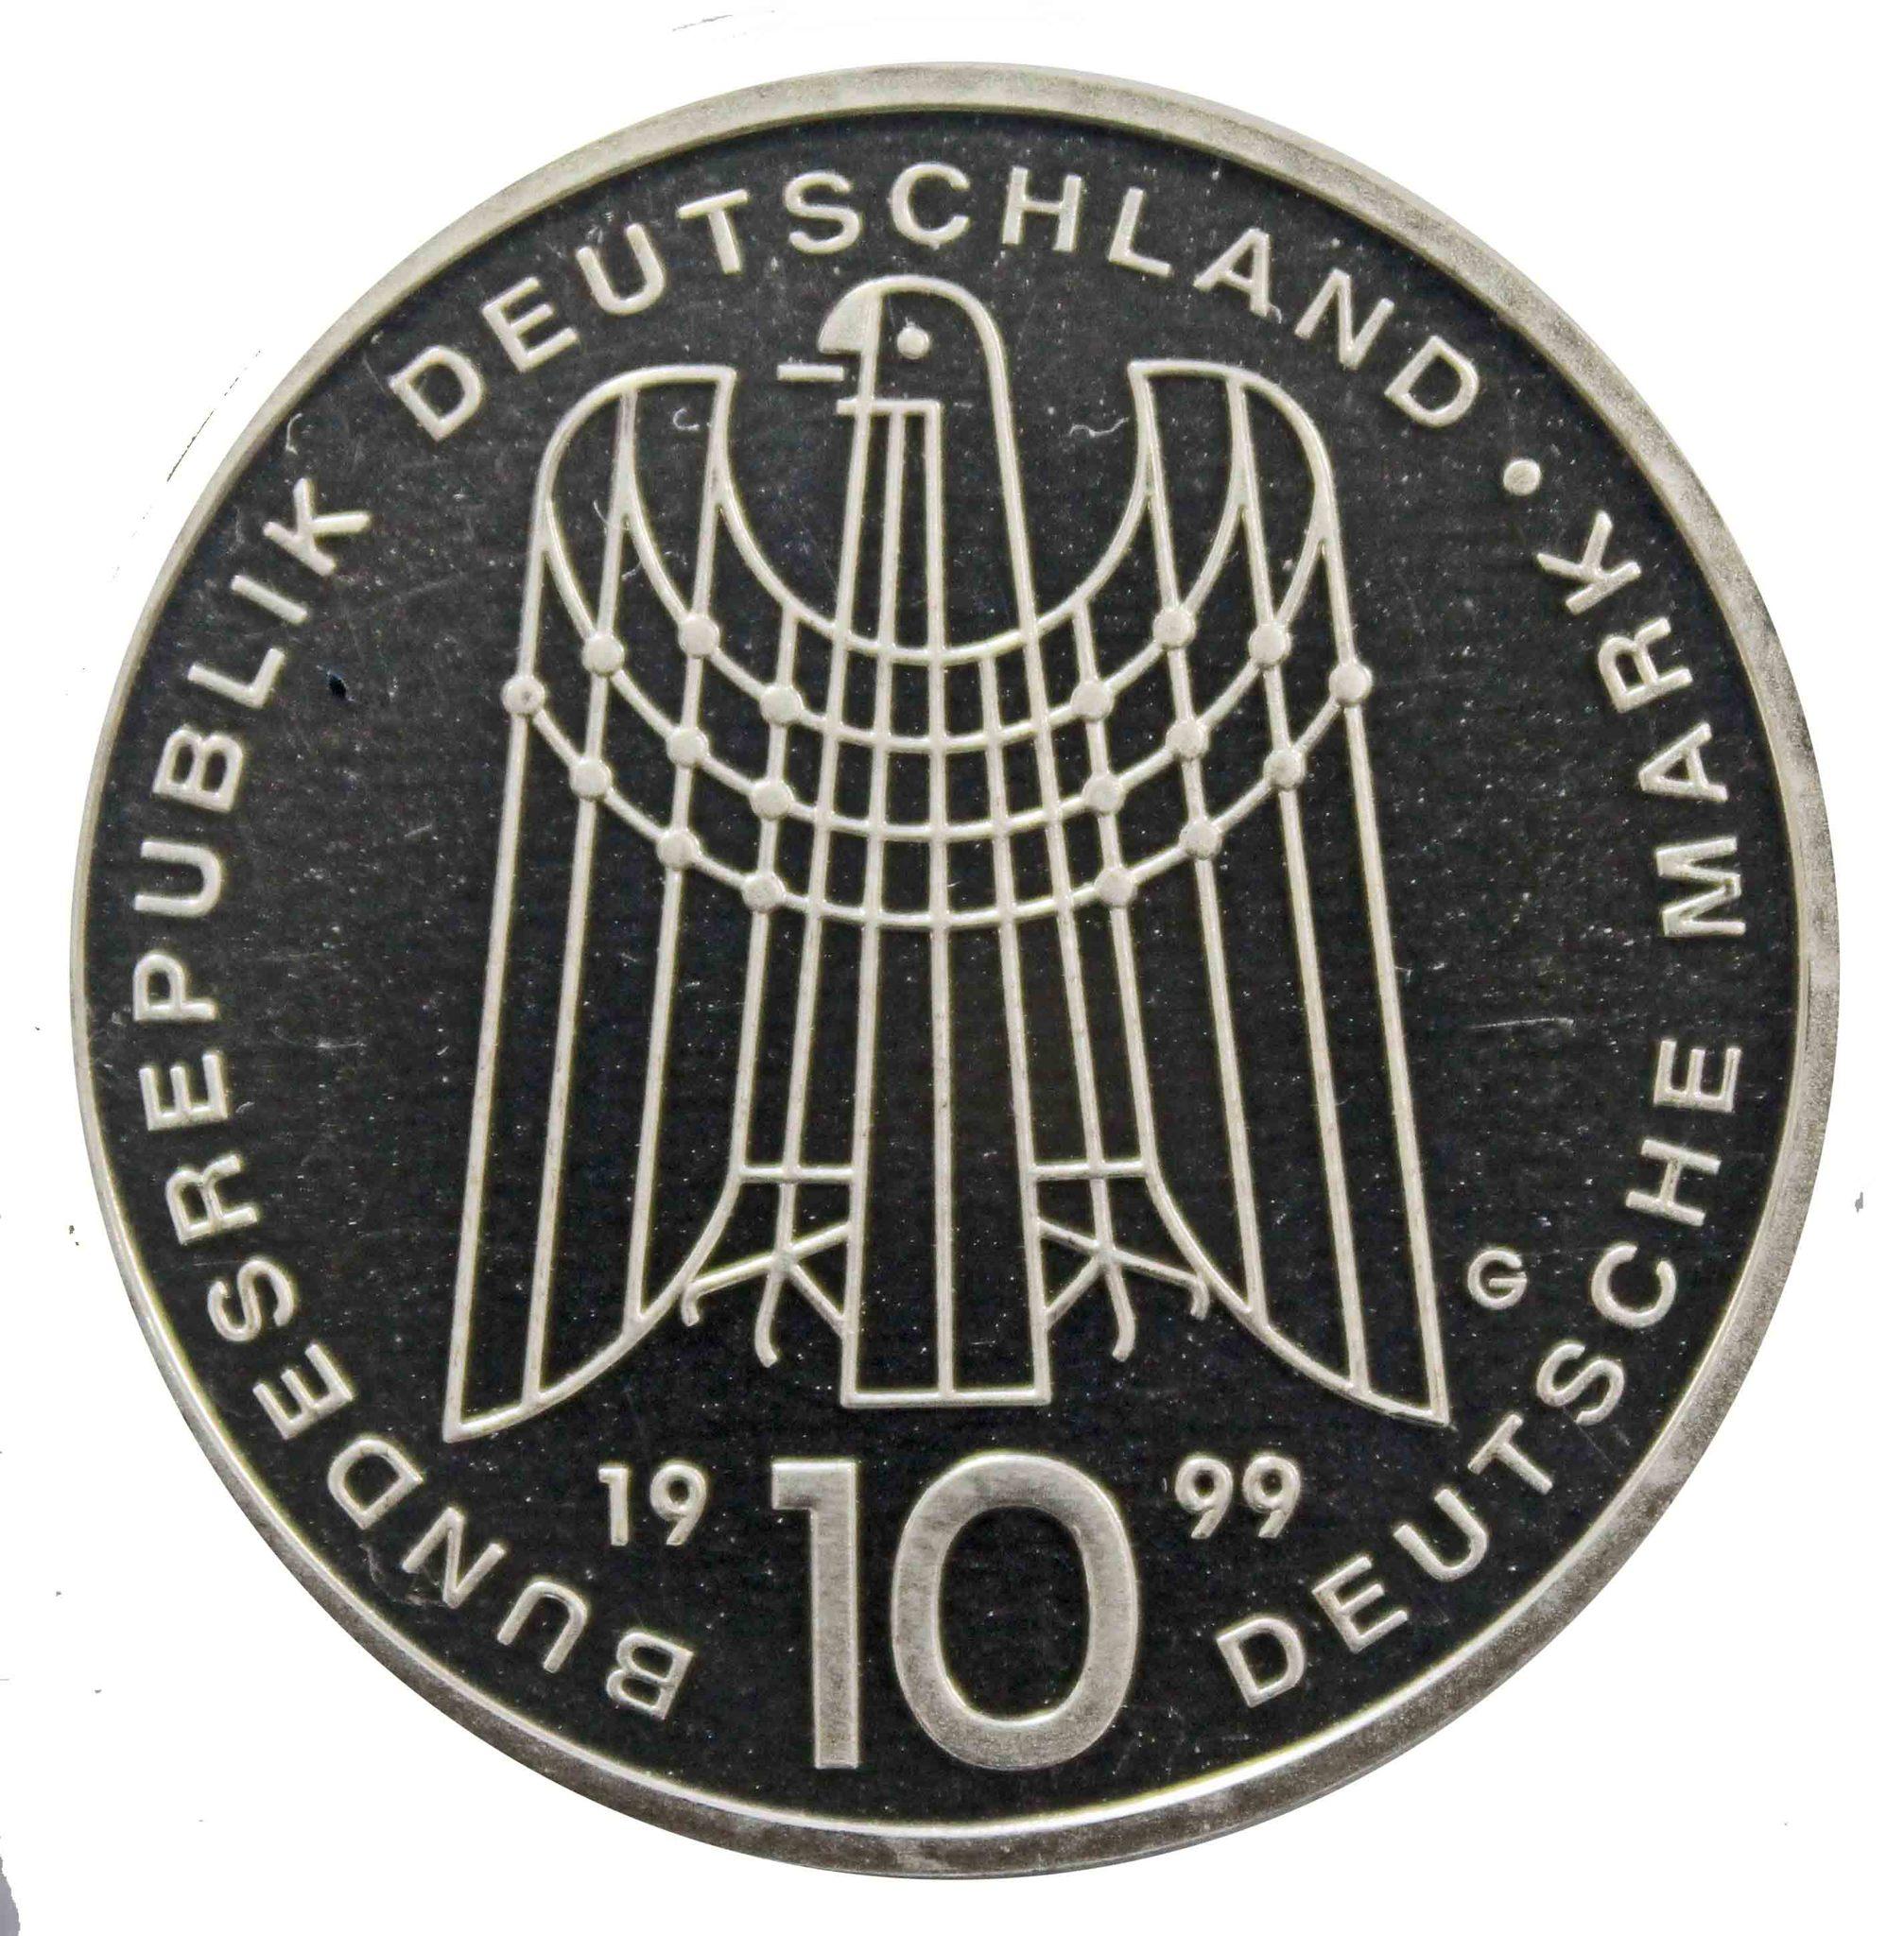 10 марок. 50 лет благотворительной организации по поддержке детей сирот (G). Серебро. 1999 г. PROOF